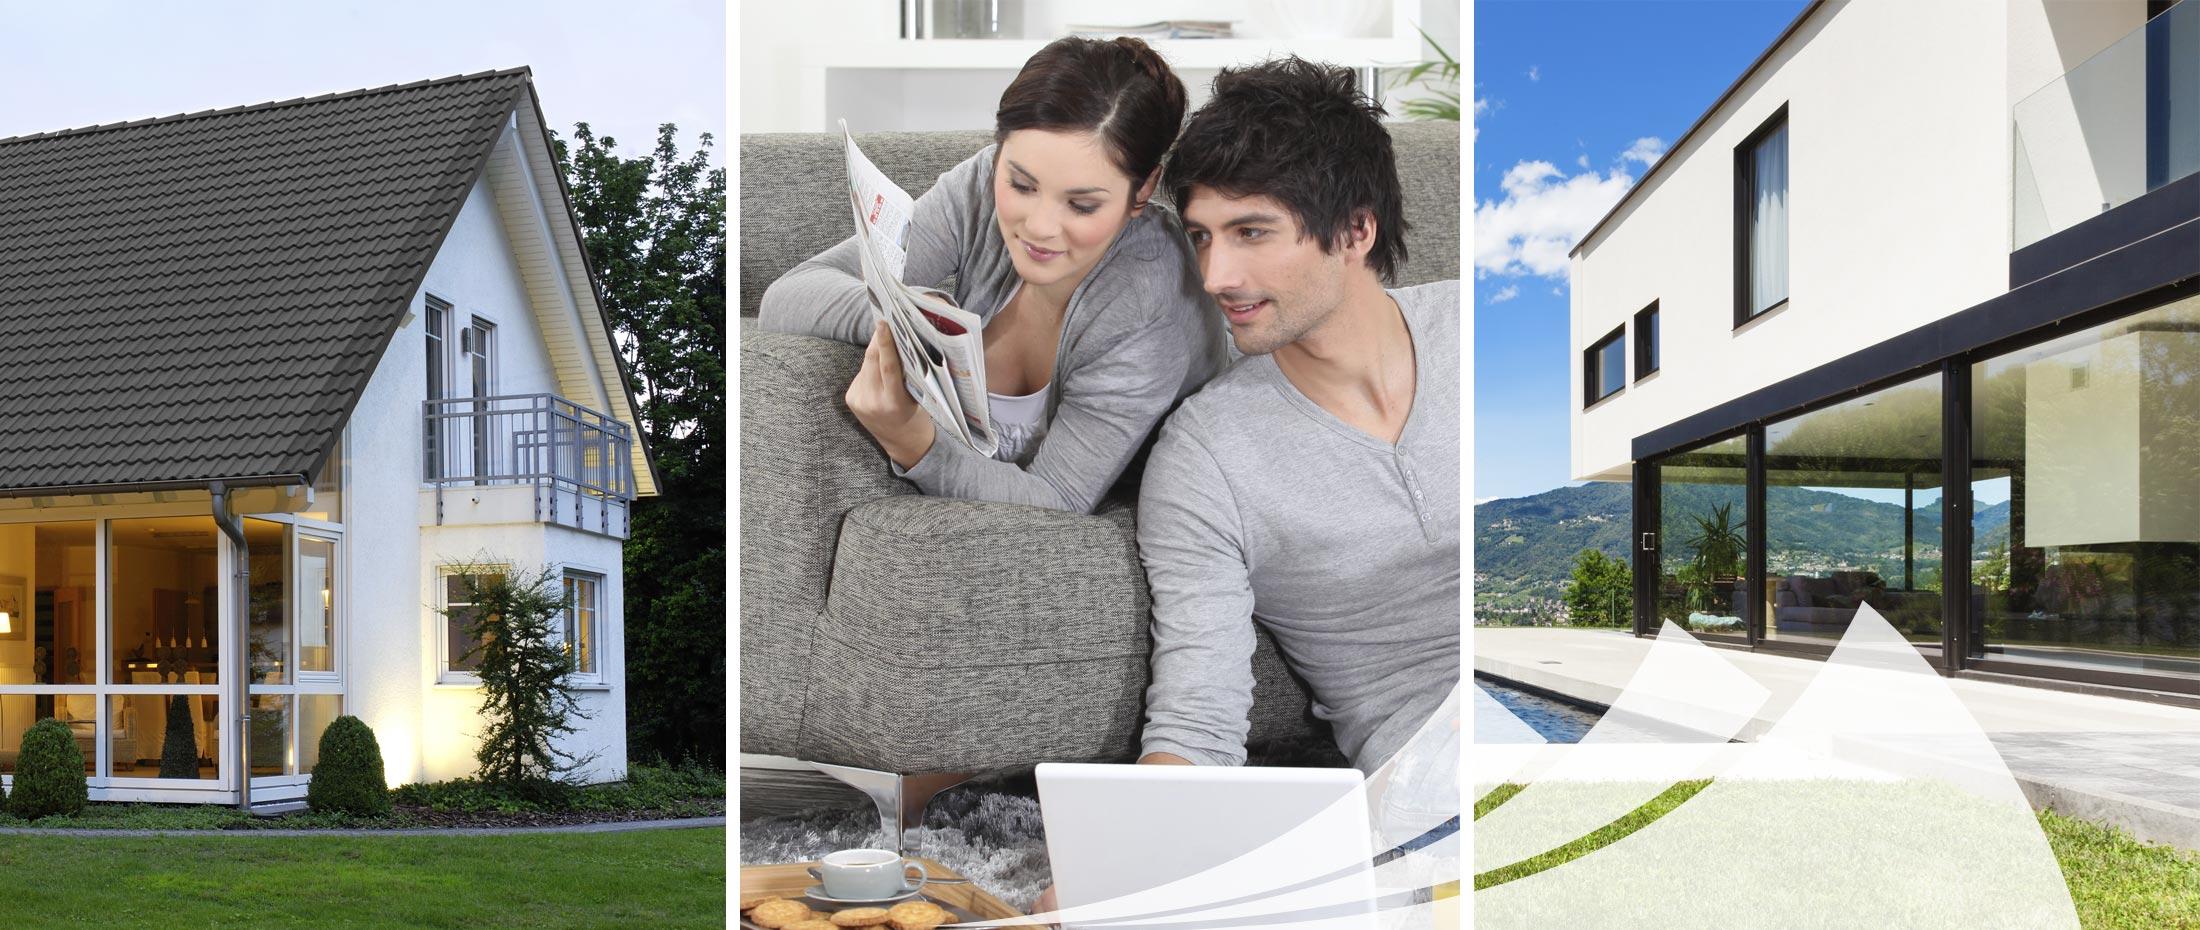 Vermittlung Ihrer Wunsch-Immobilie, Traumhaus.